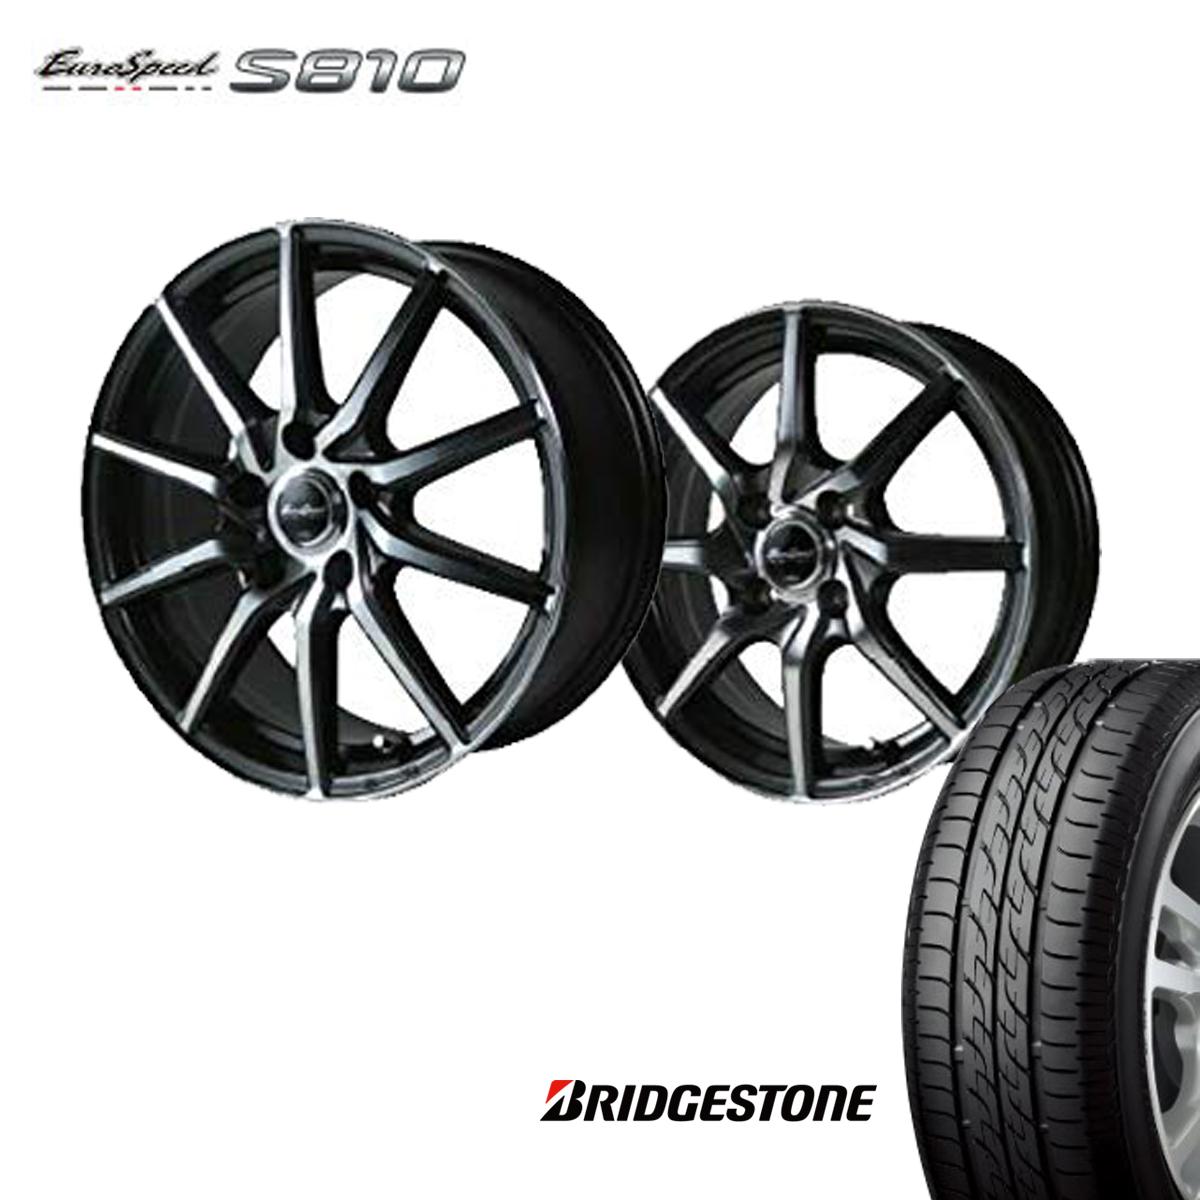 Euro Speed S810 タイヤ ホイール セット 4本 17インチ 5H114.3 7.0J+48 ユーロスピード S810 マナレイ スポーツ ブリヂストン 205/50R17 205 50 17